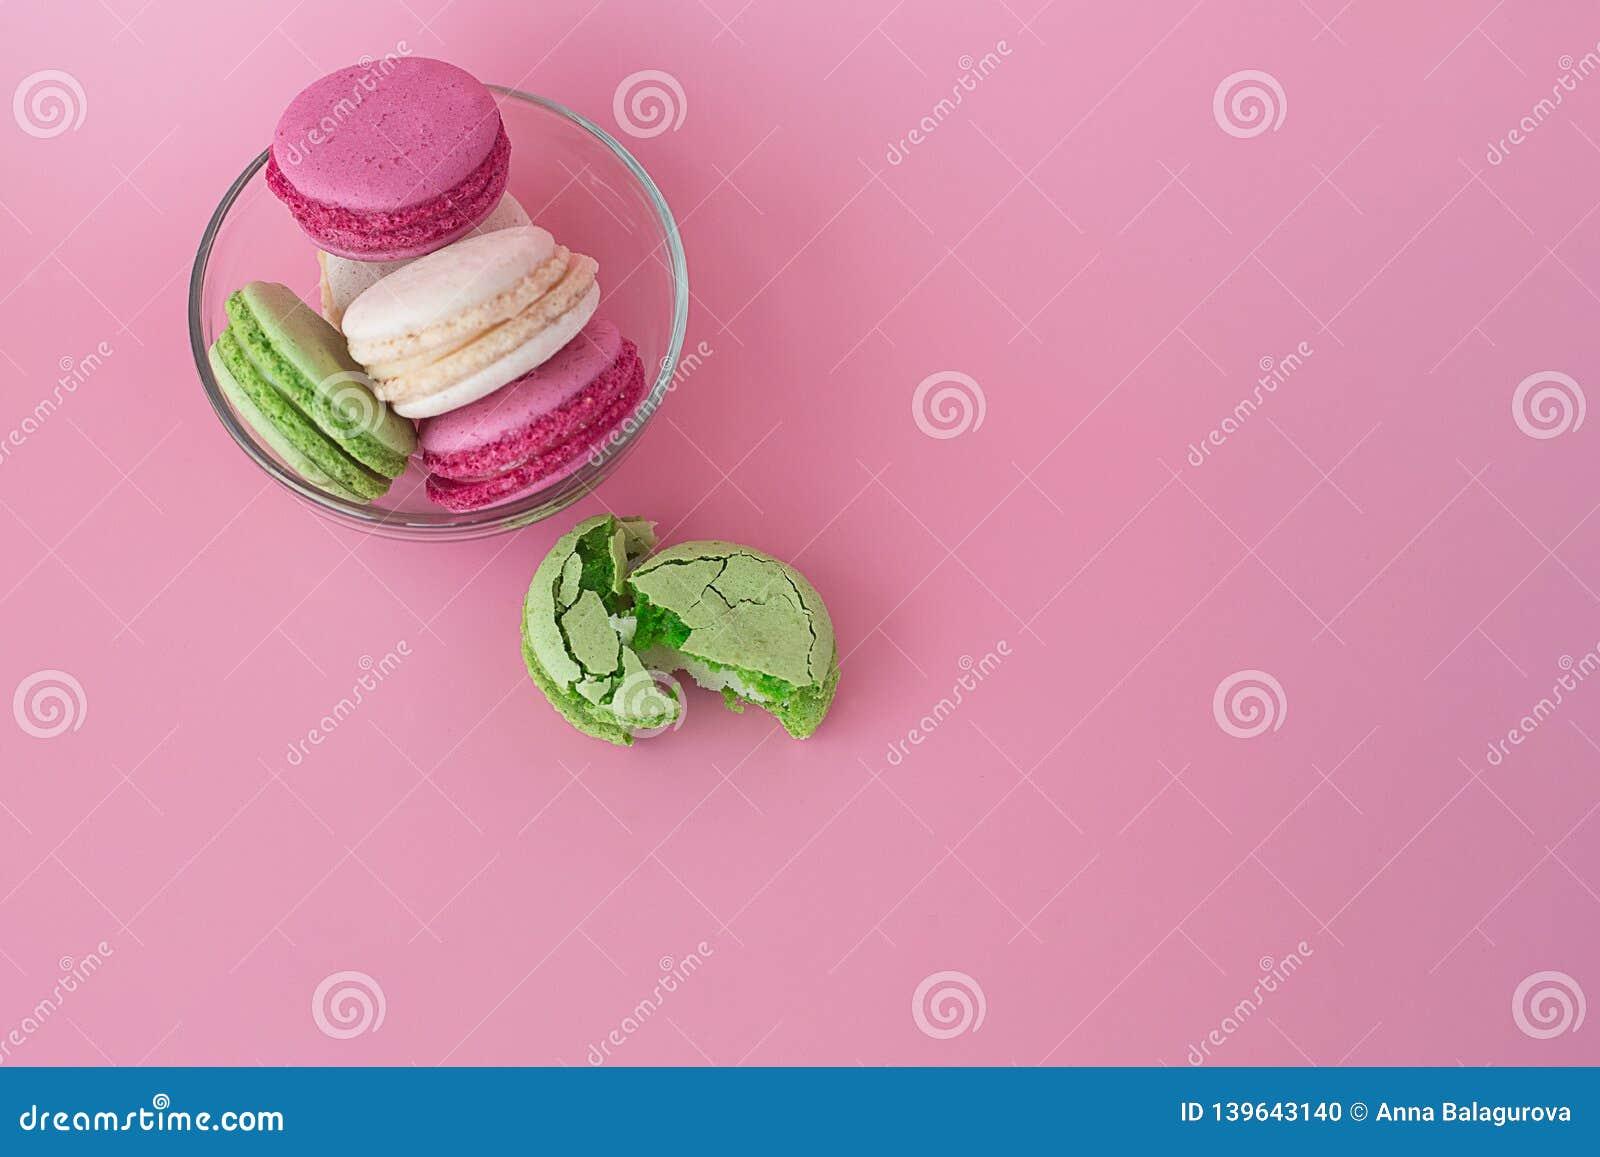 Verscheidene multi-colored macarons in een glasplaat op een roze achtergrond